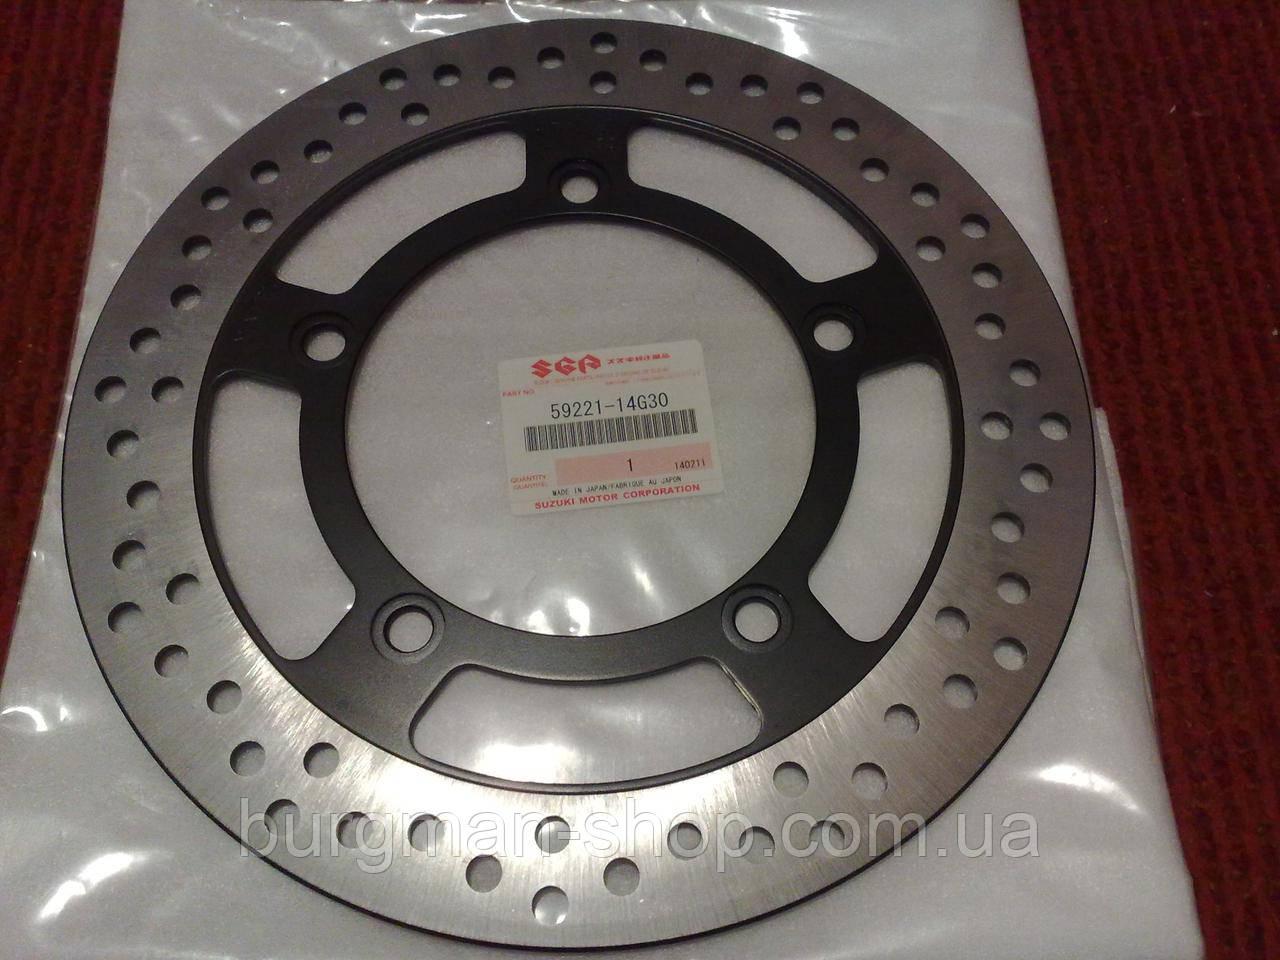 Передний тормозной диск К7